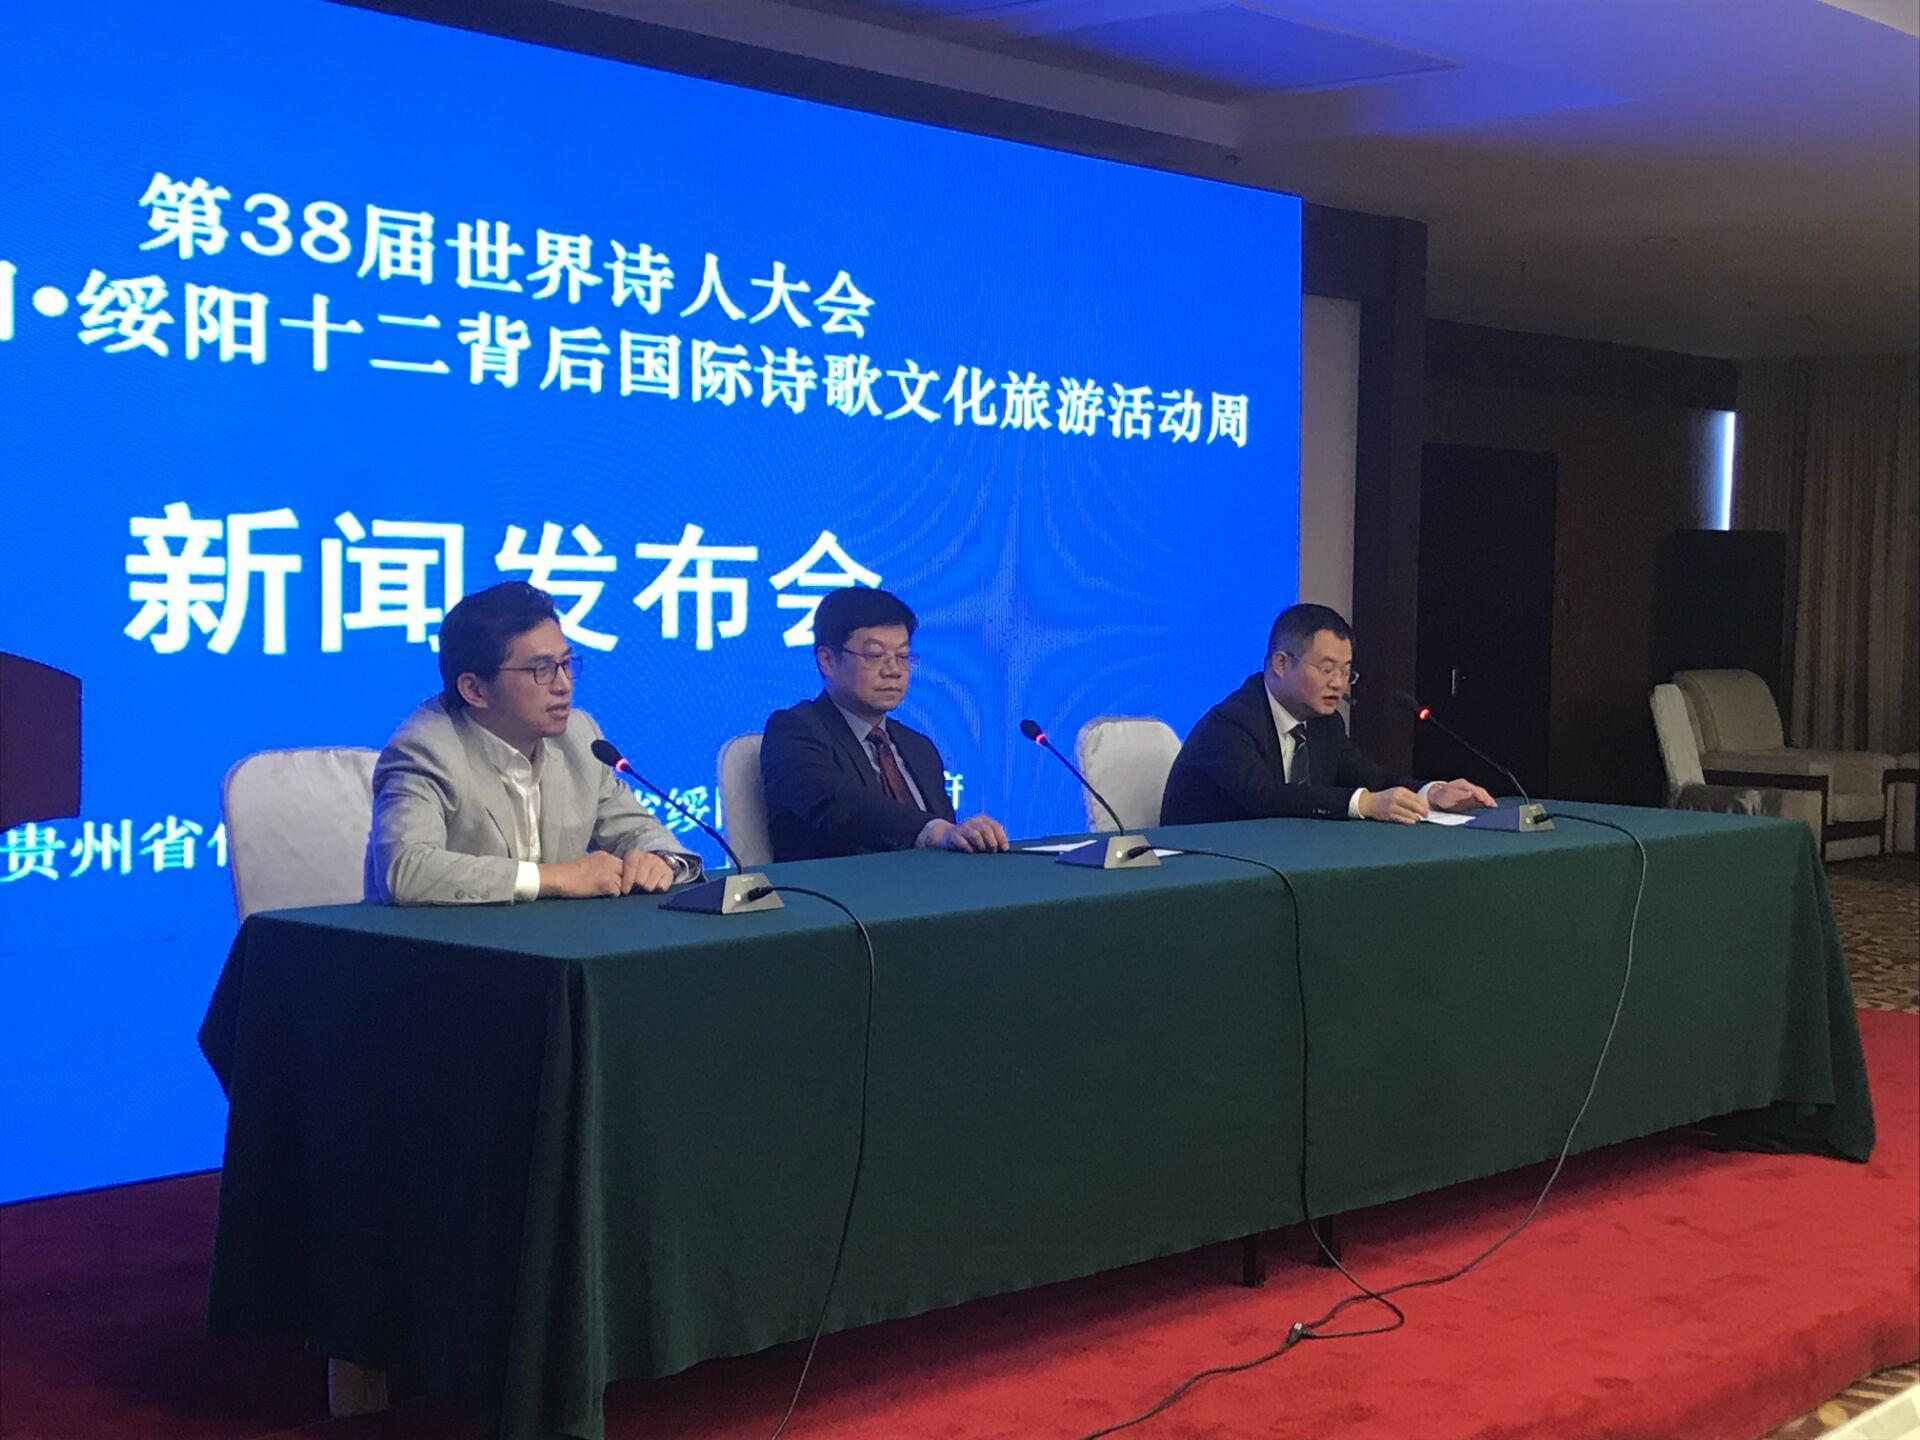 第38届世界诗人大会文化旅游活动周将在遵义绥阳举行